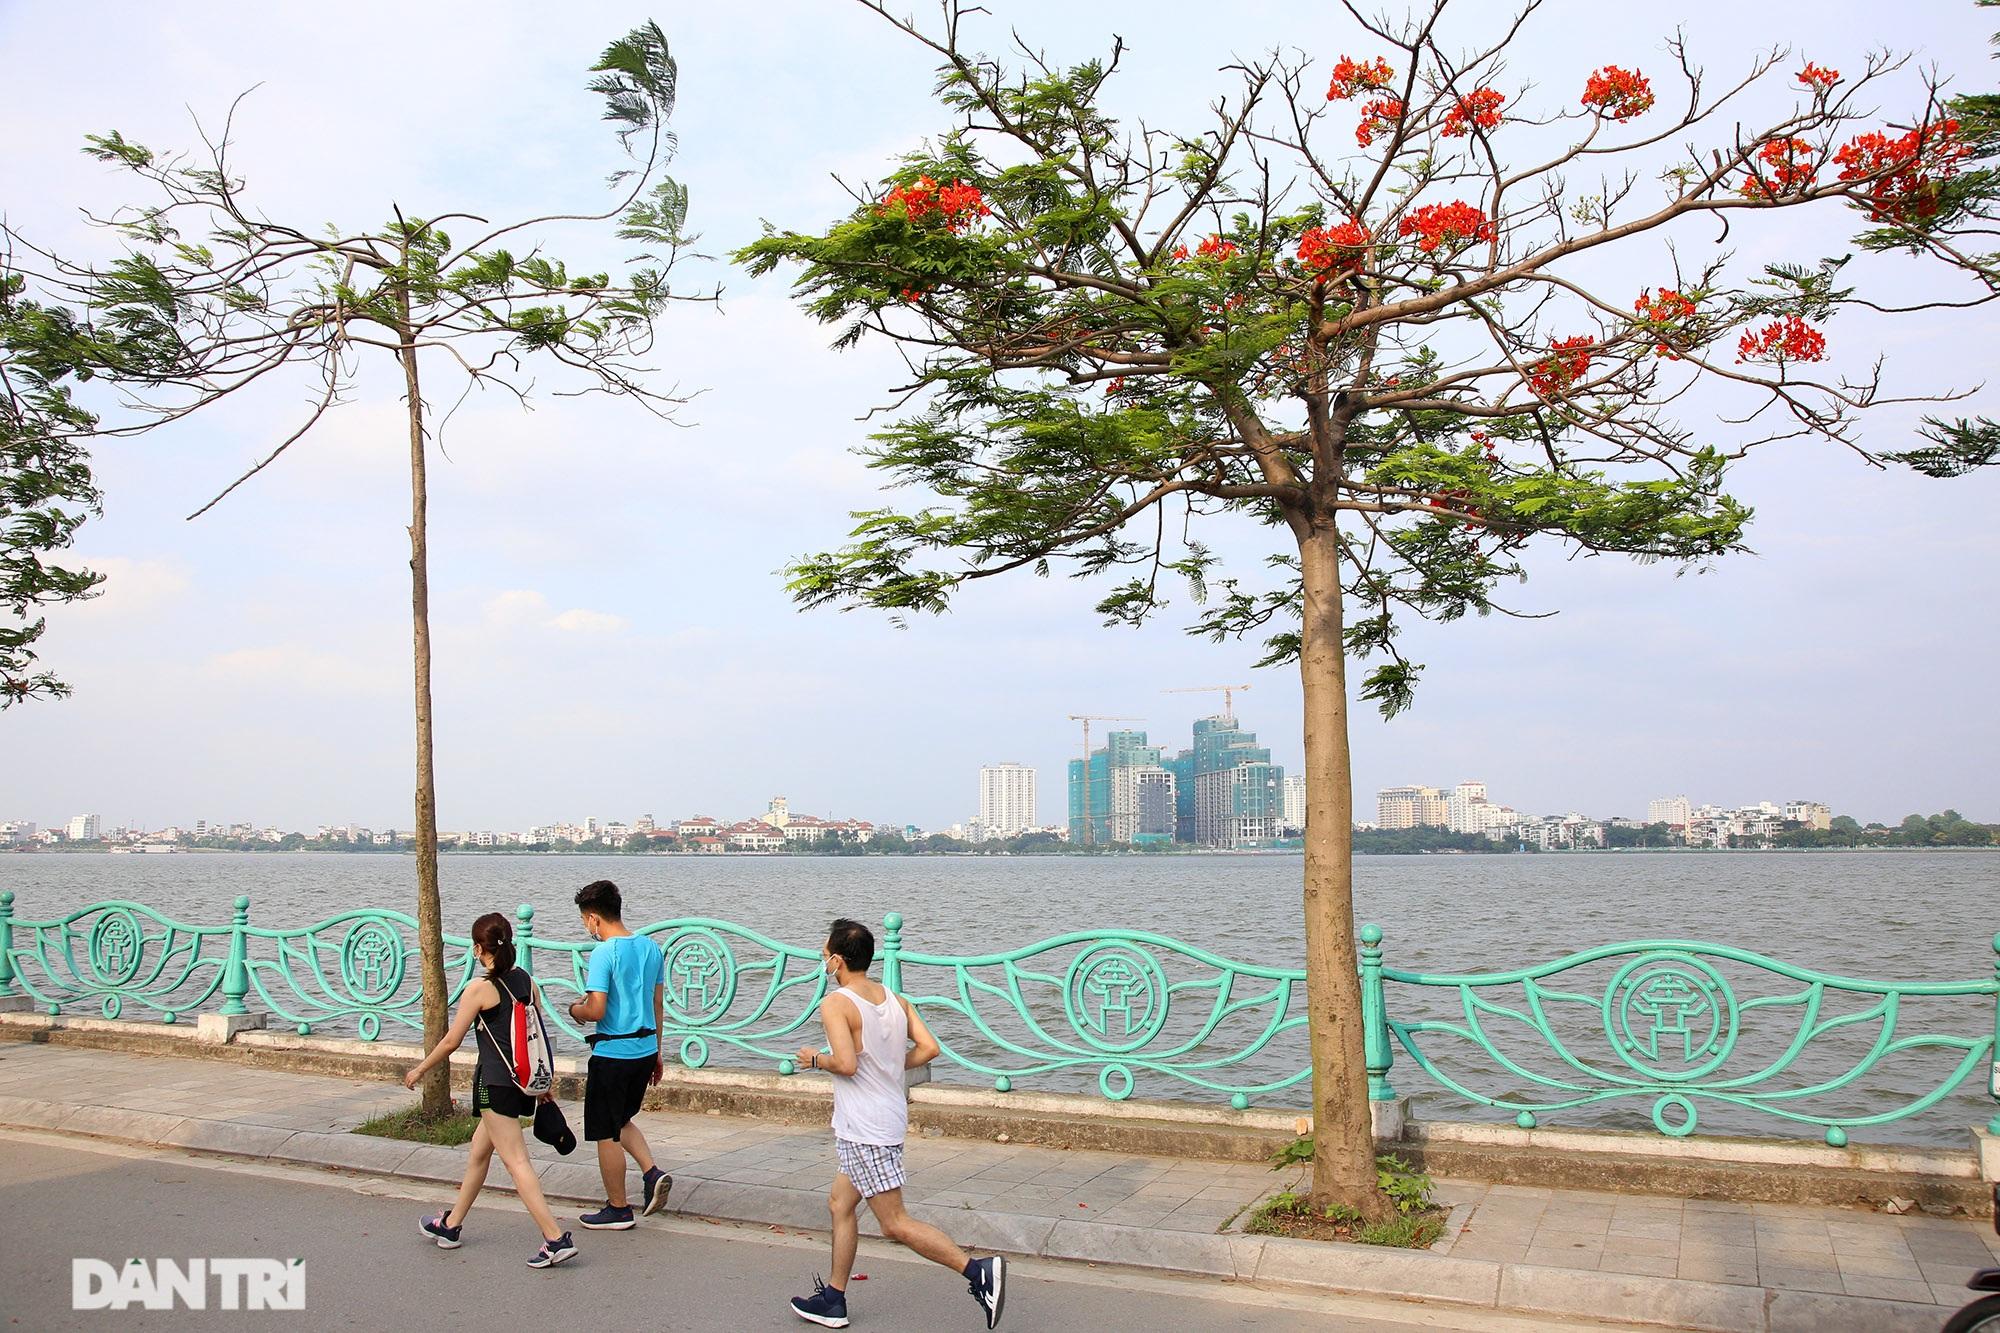 Mùa hoa phượng vĩ bắt đầu nở đẹp khắp phố phường Hà Nội - 5